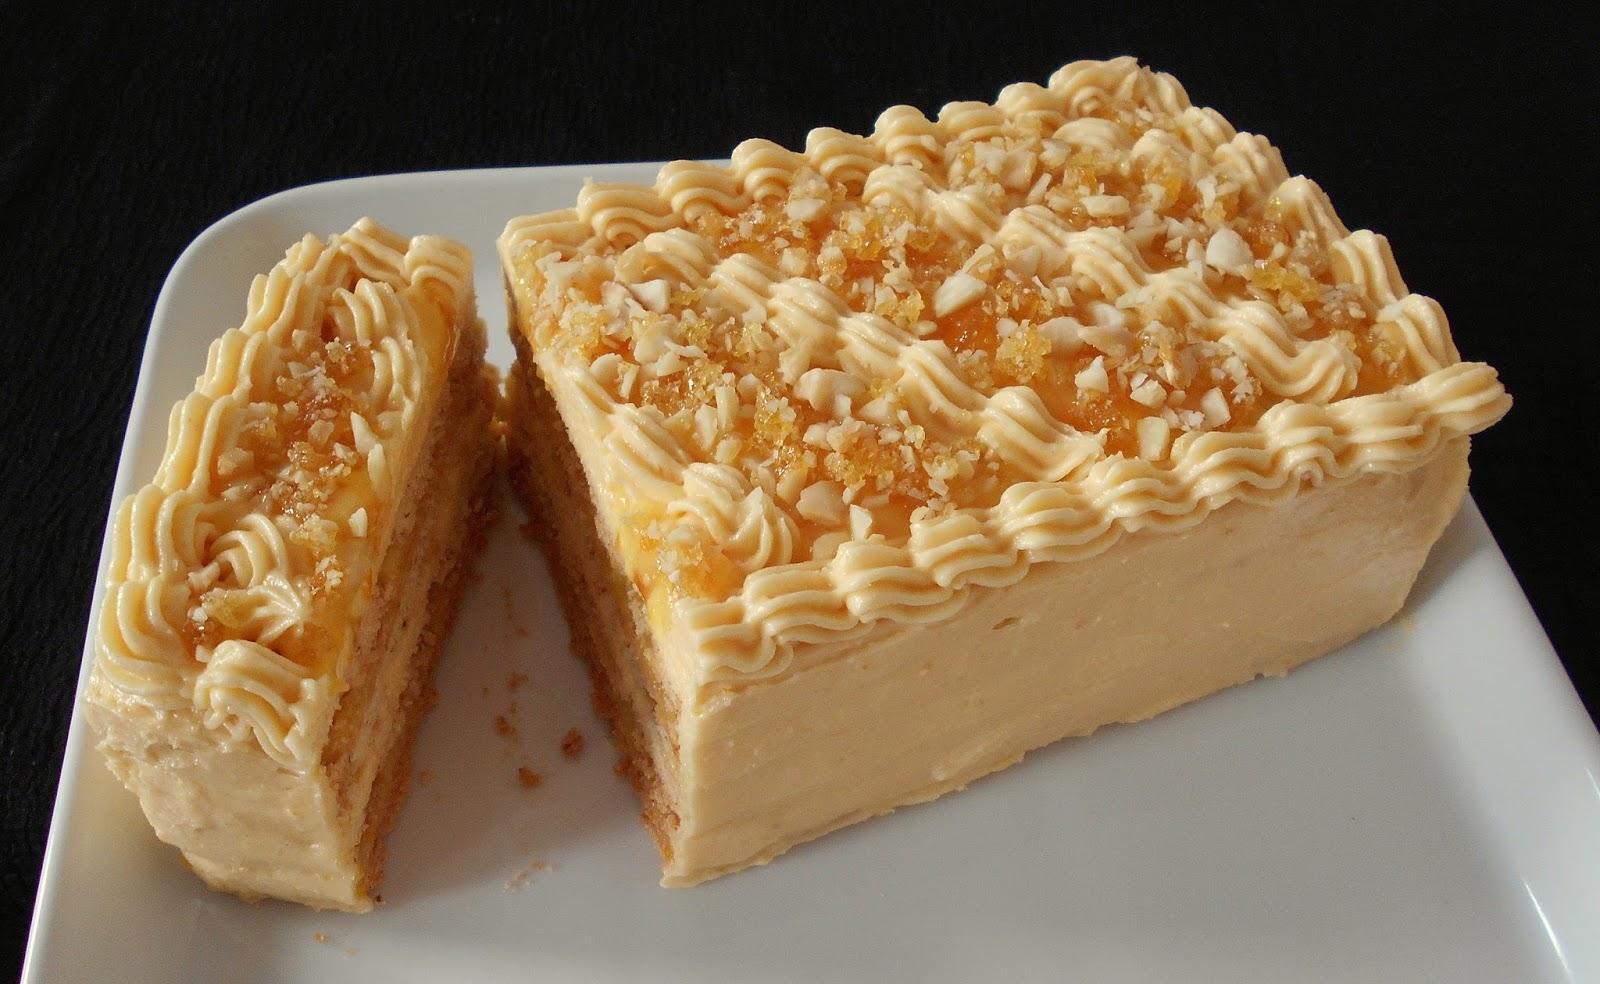 Marjolaine Cake Bake Off